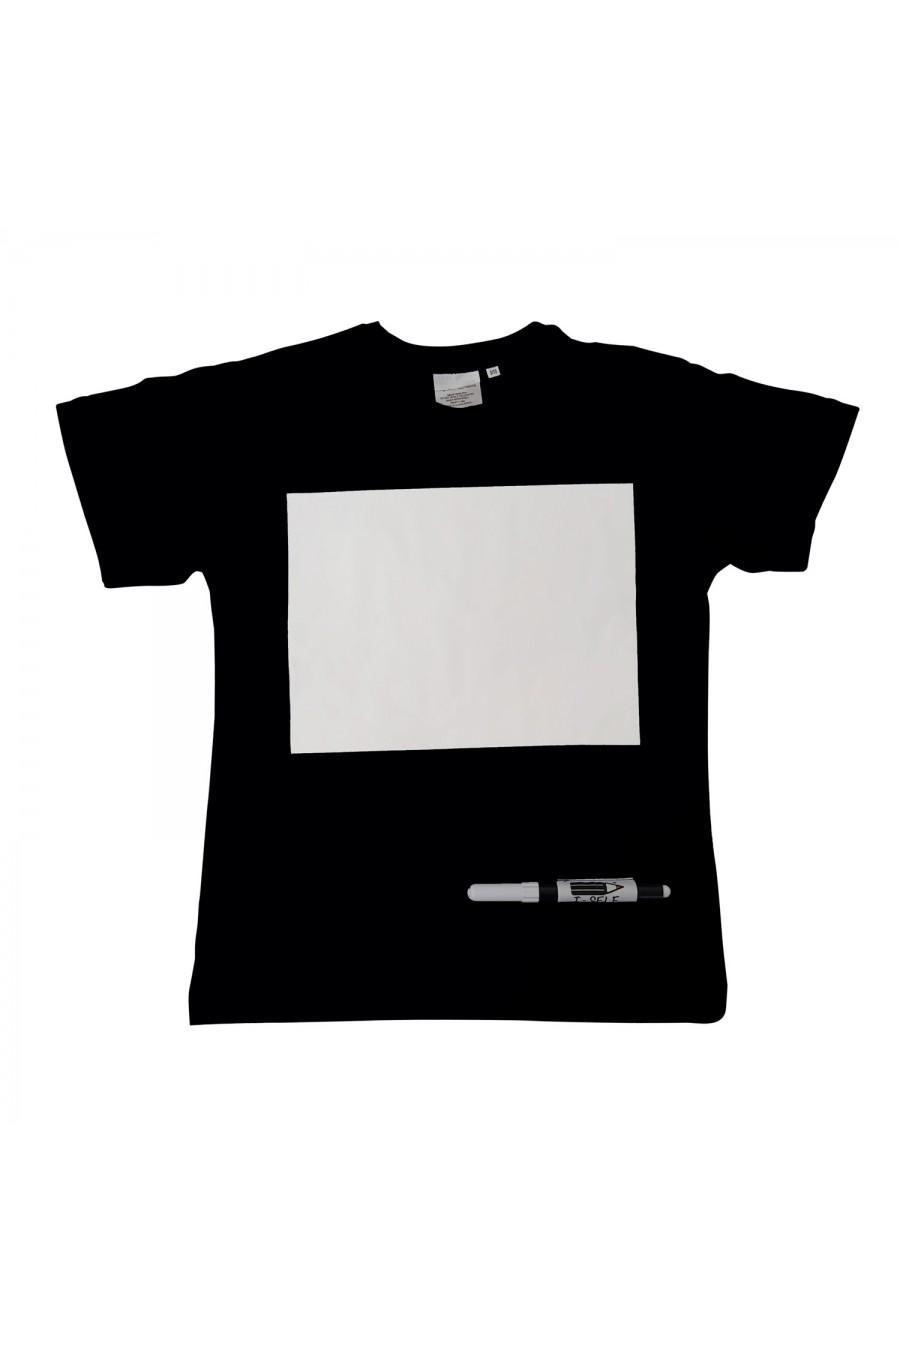 Maglietta per bambino scrivibile T-self Nera